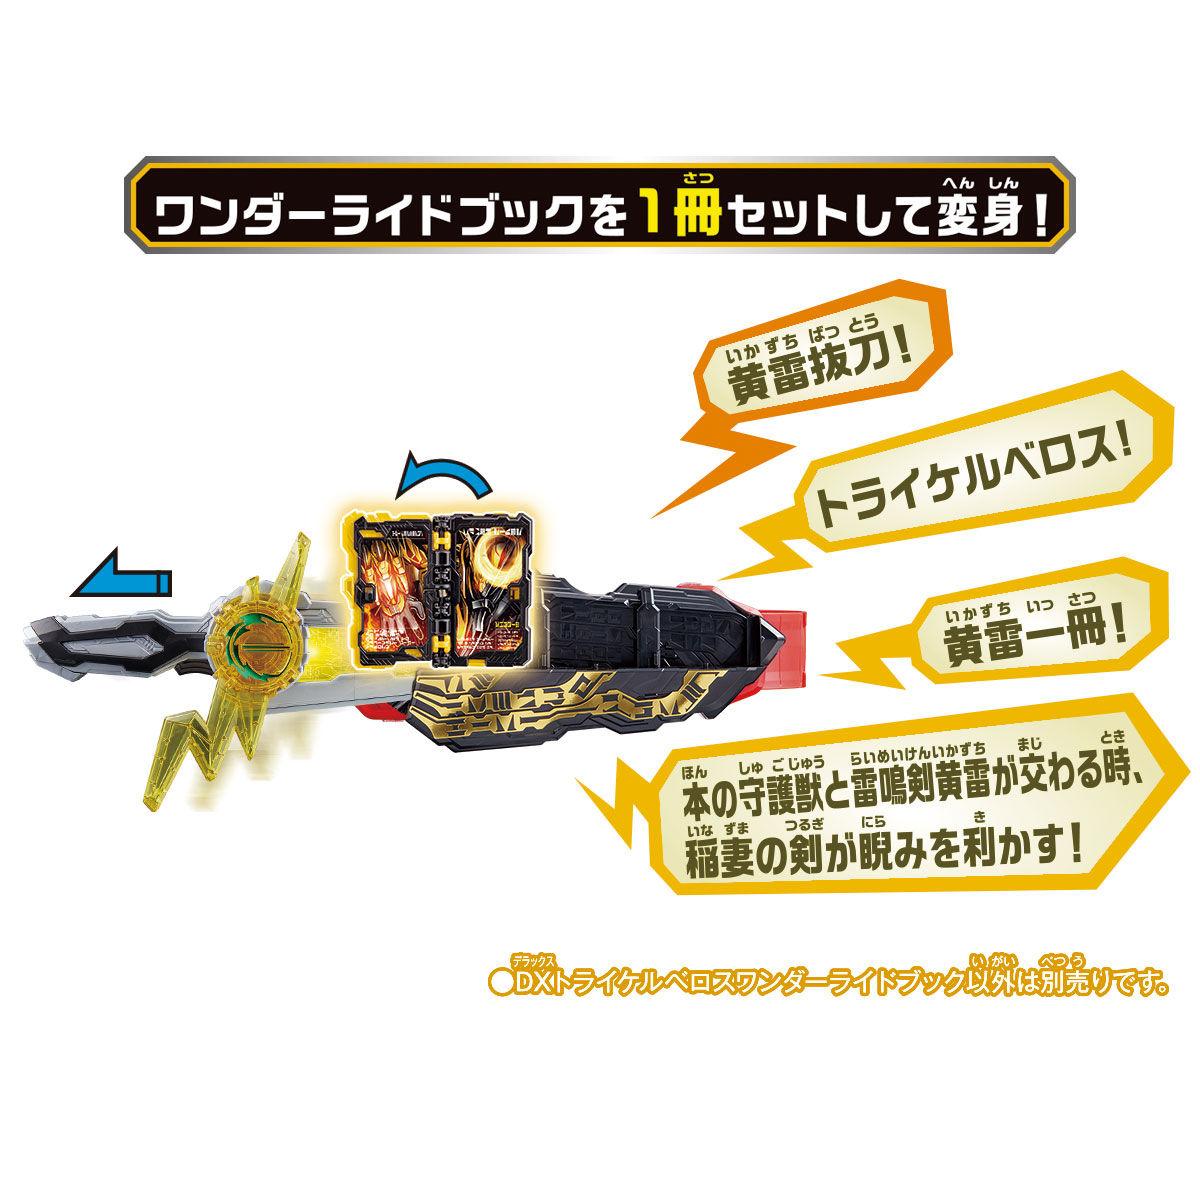 仮面ライダーセイバー『DXトライケルベロスワンダーライドブック』変身なりきり-004